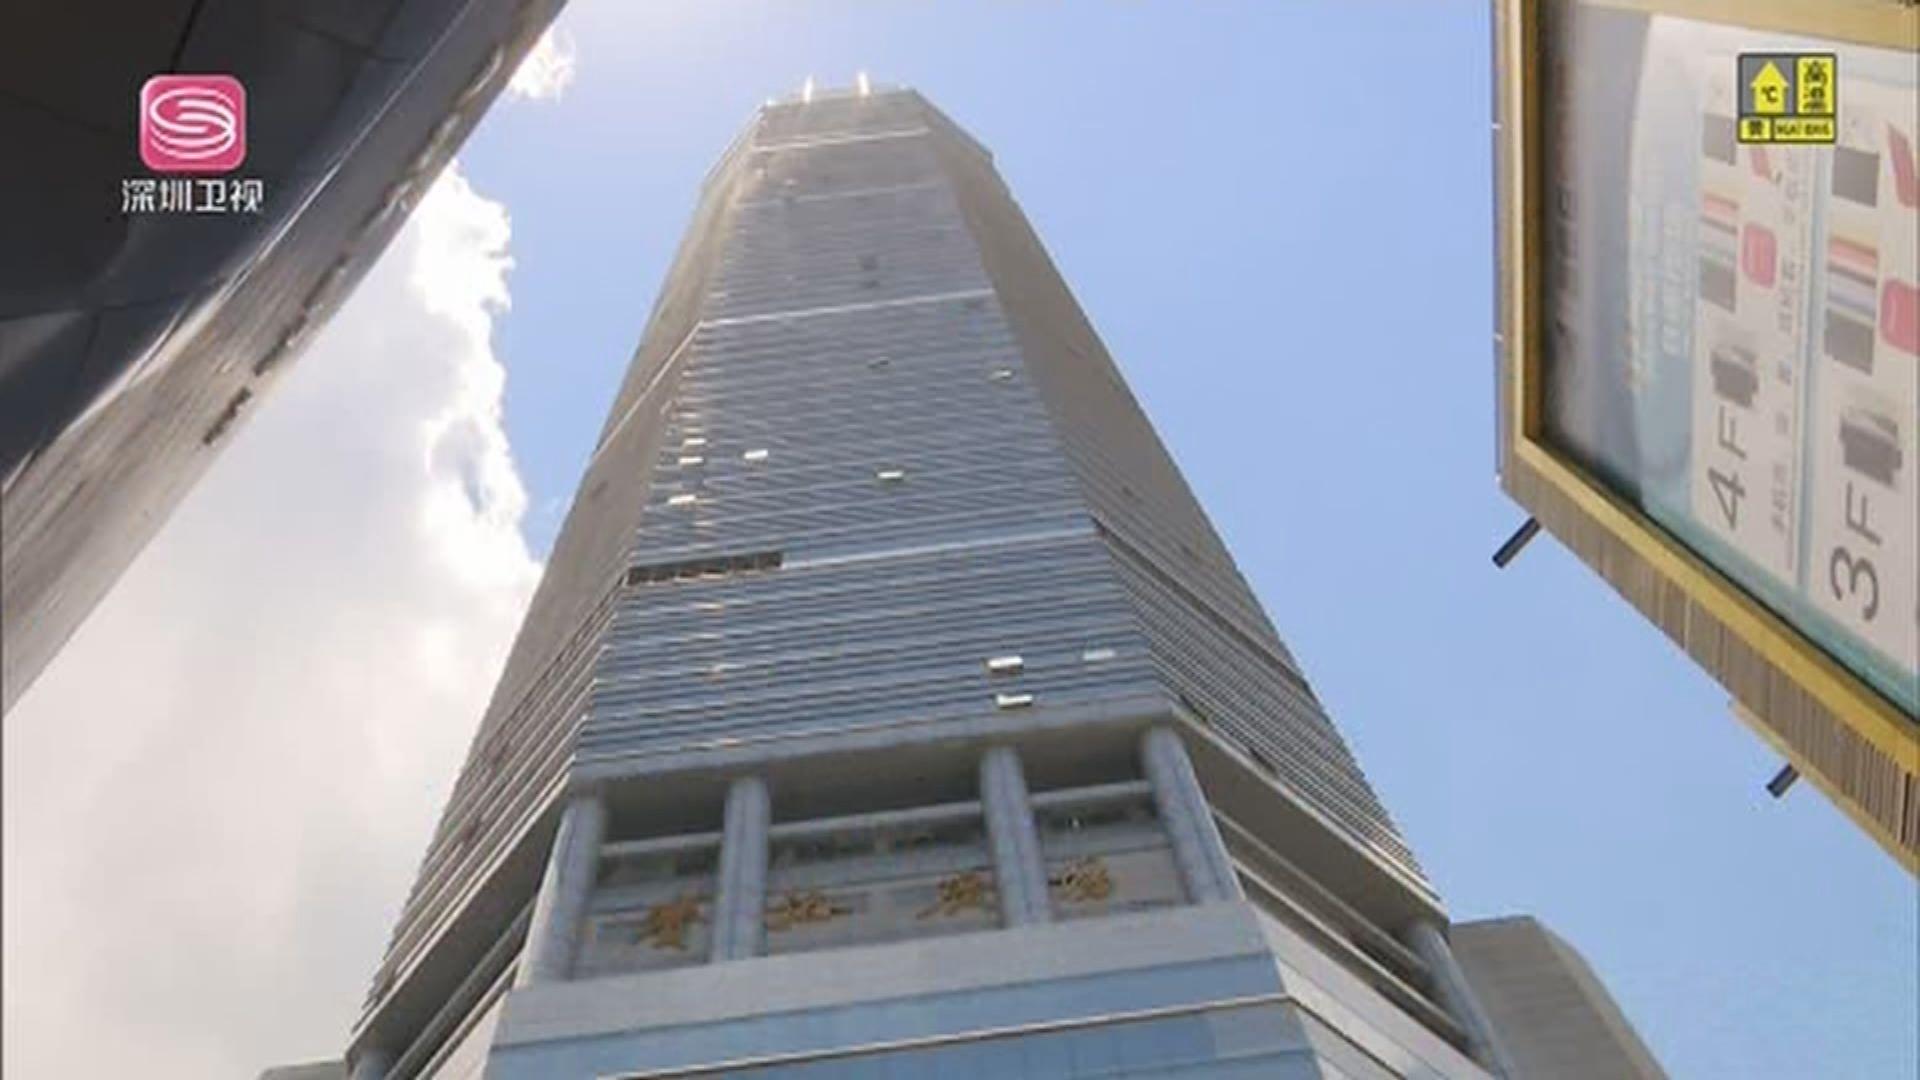 深圳賽格大廈連續三日發生搖晃 商戶緊急疏散